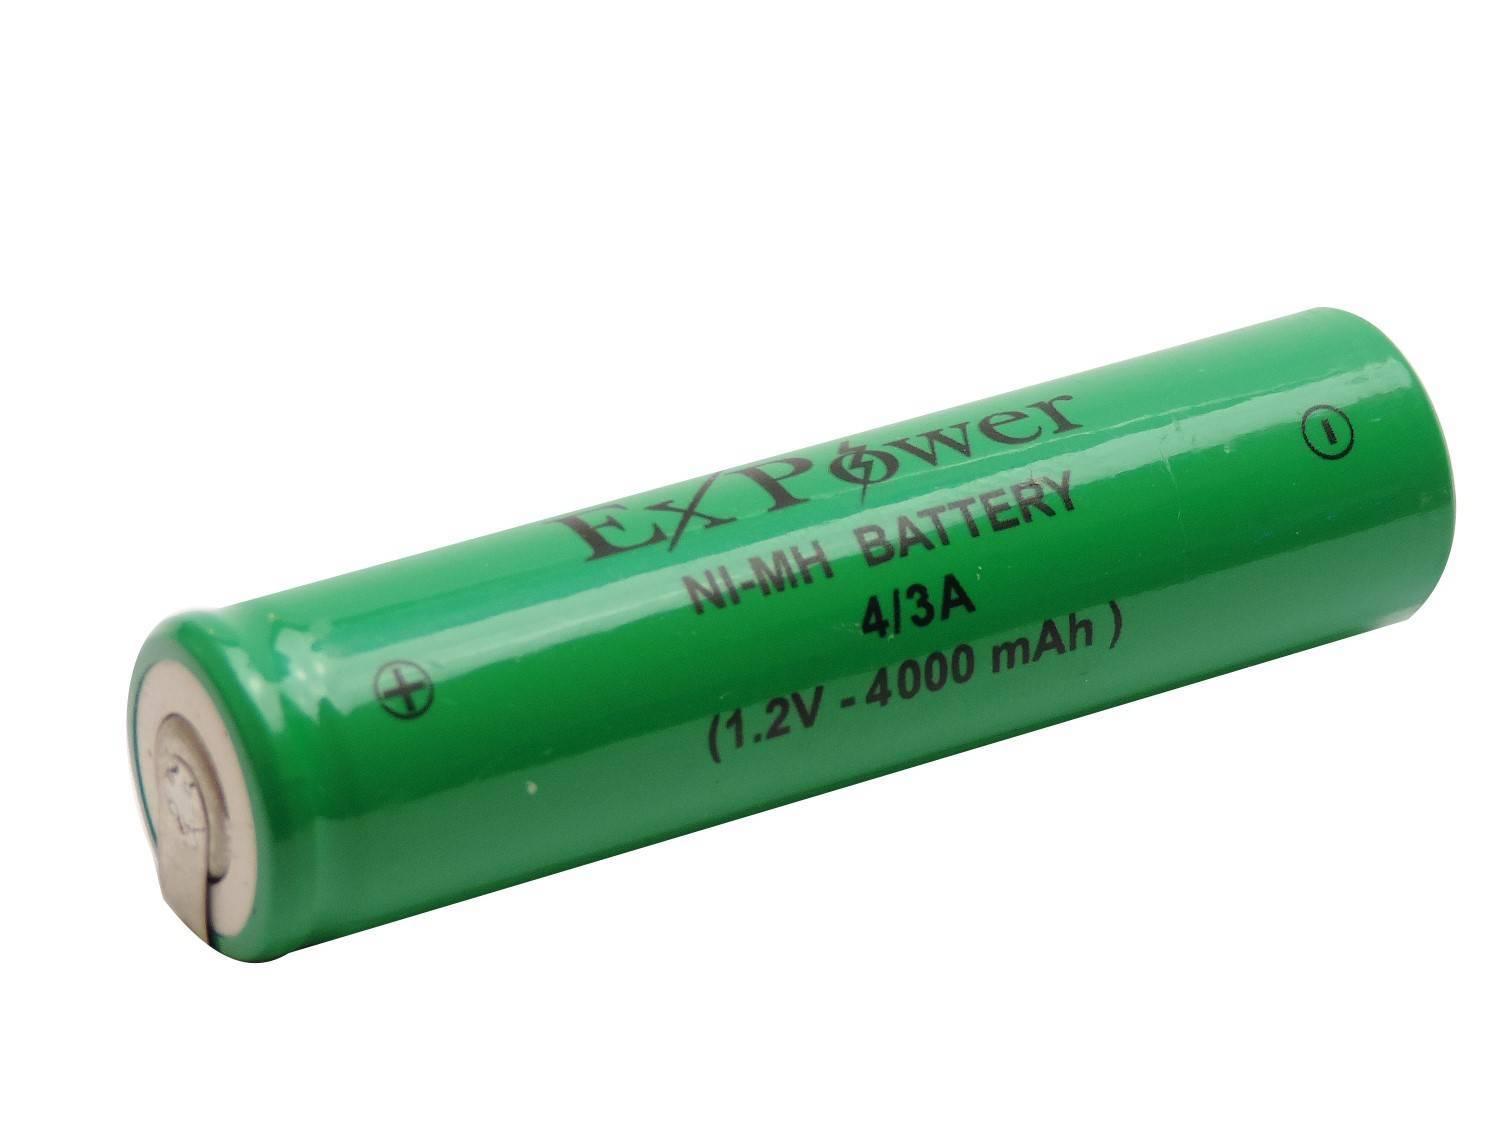 Bateria 1,2V 4000mAh 4/3A NIMH c/ Terminal - Casa da Pilha